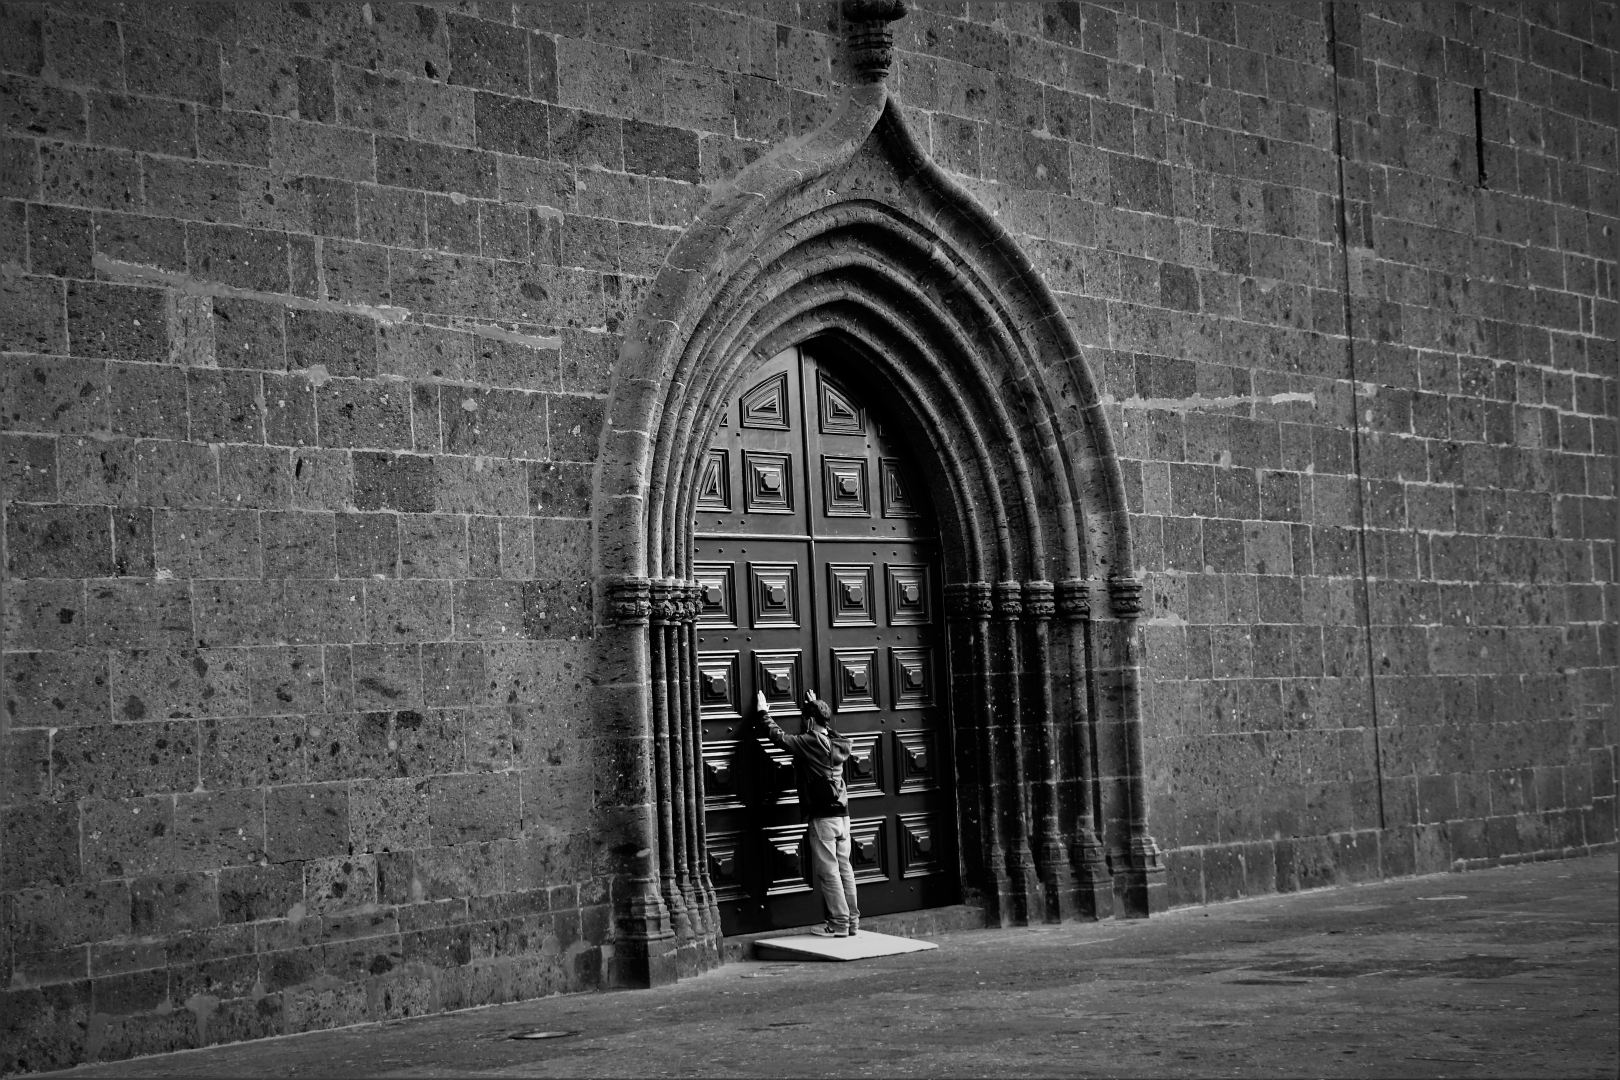 História/Uma porta de Fé e Esperança (desc.)